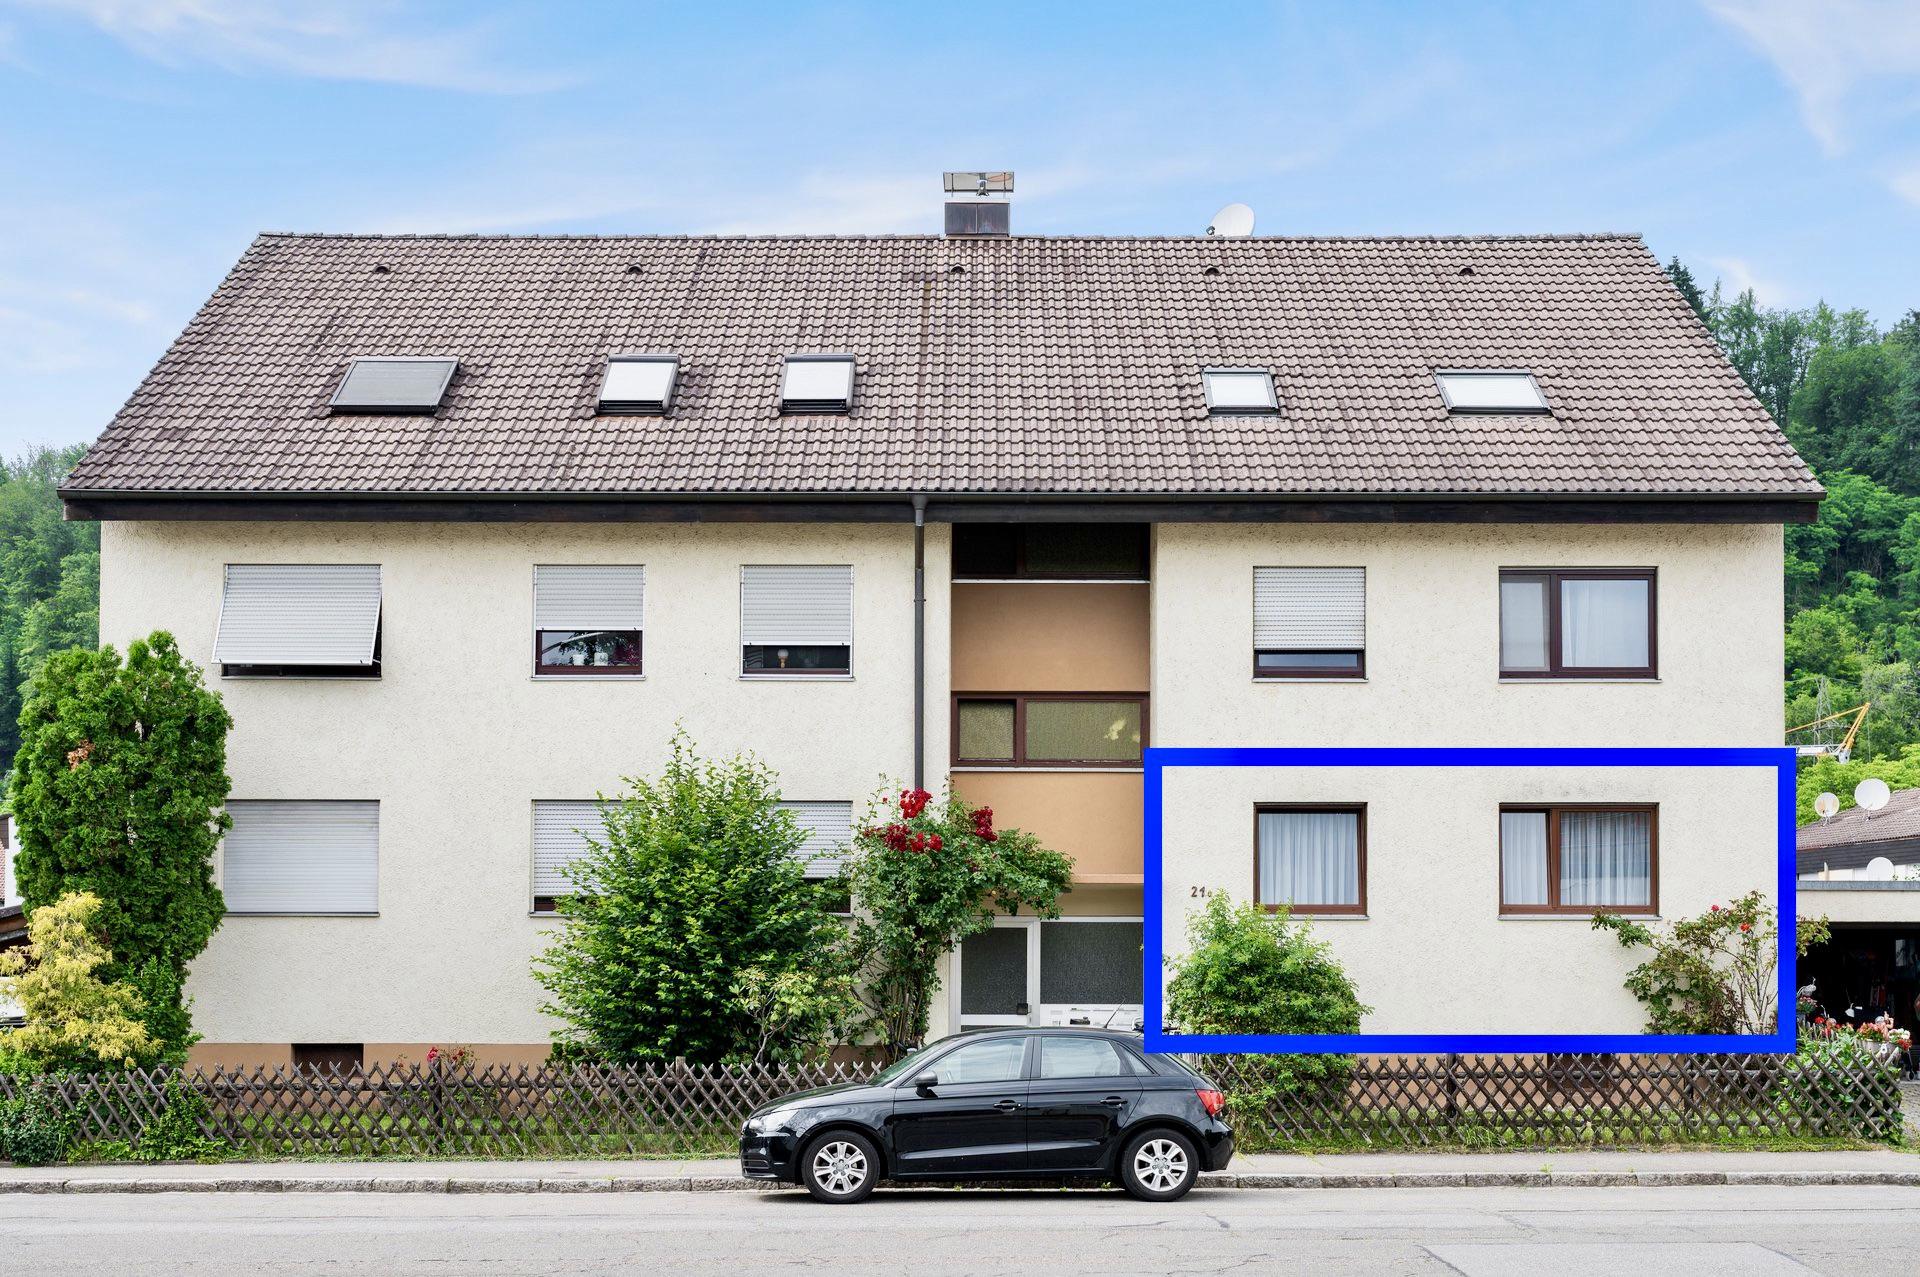 Begehrte Lage in Schopfheim! Schöne 3,5 Zimmer Eigentumswohnung EG mit Loggia ruhig und zentral